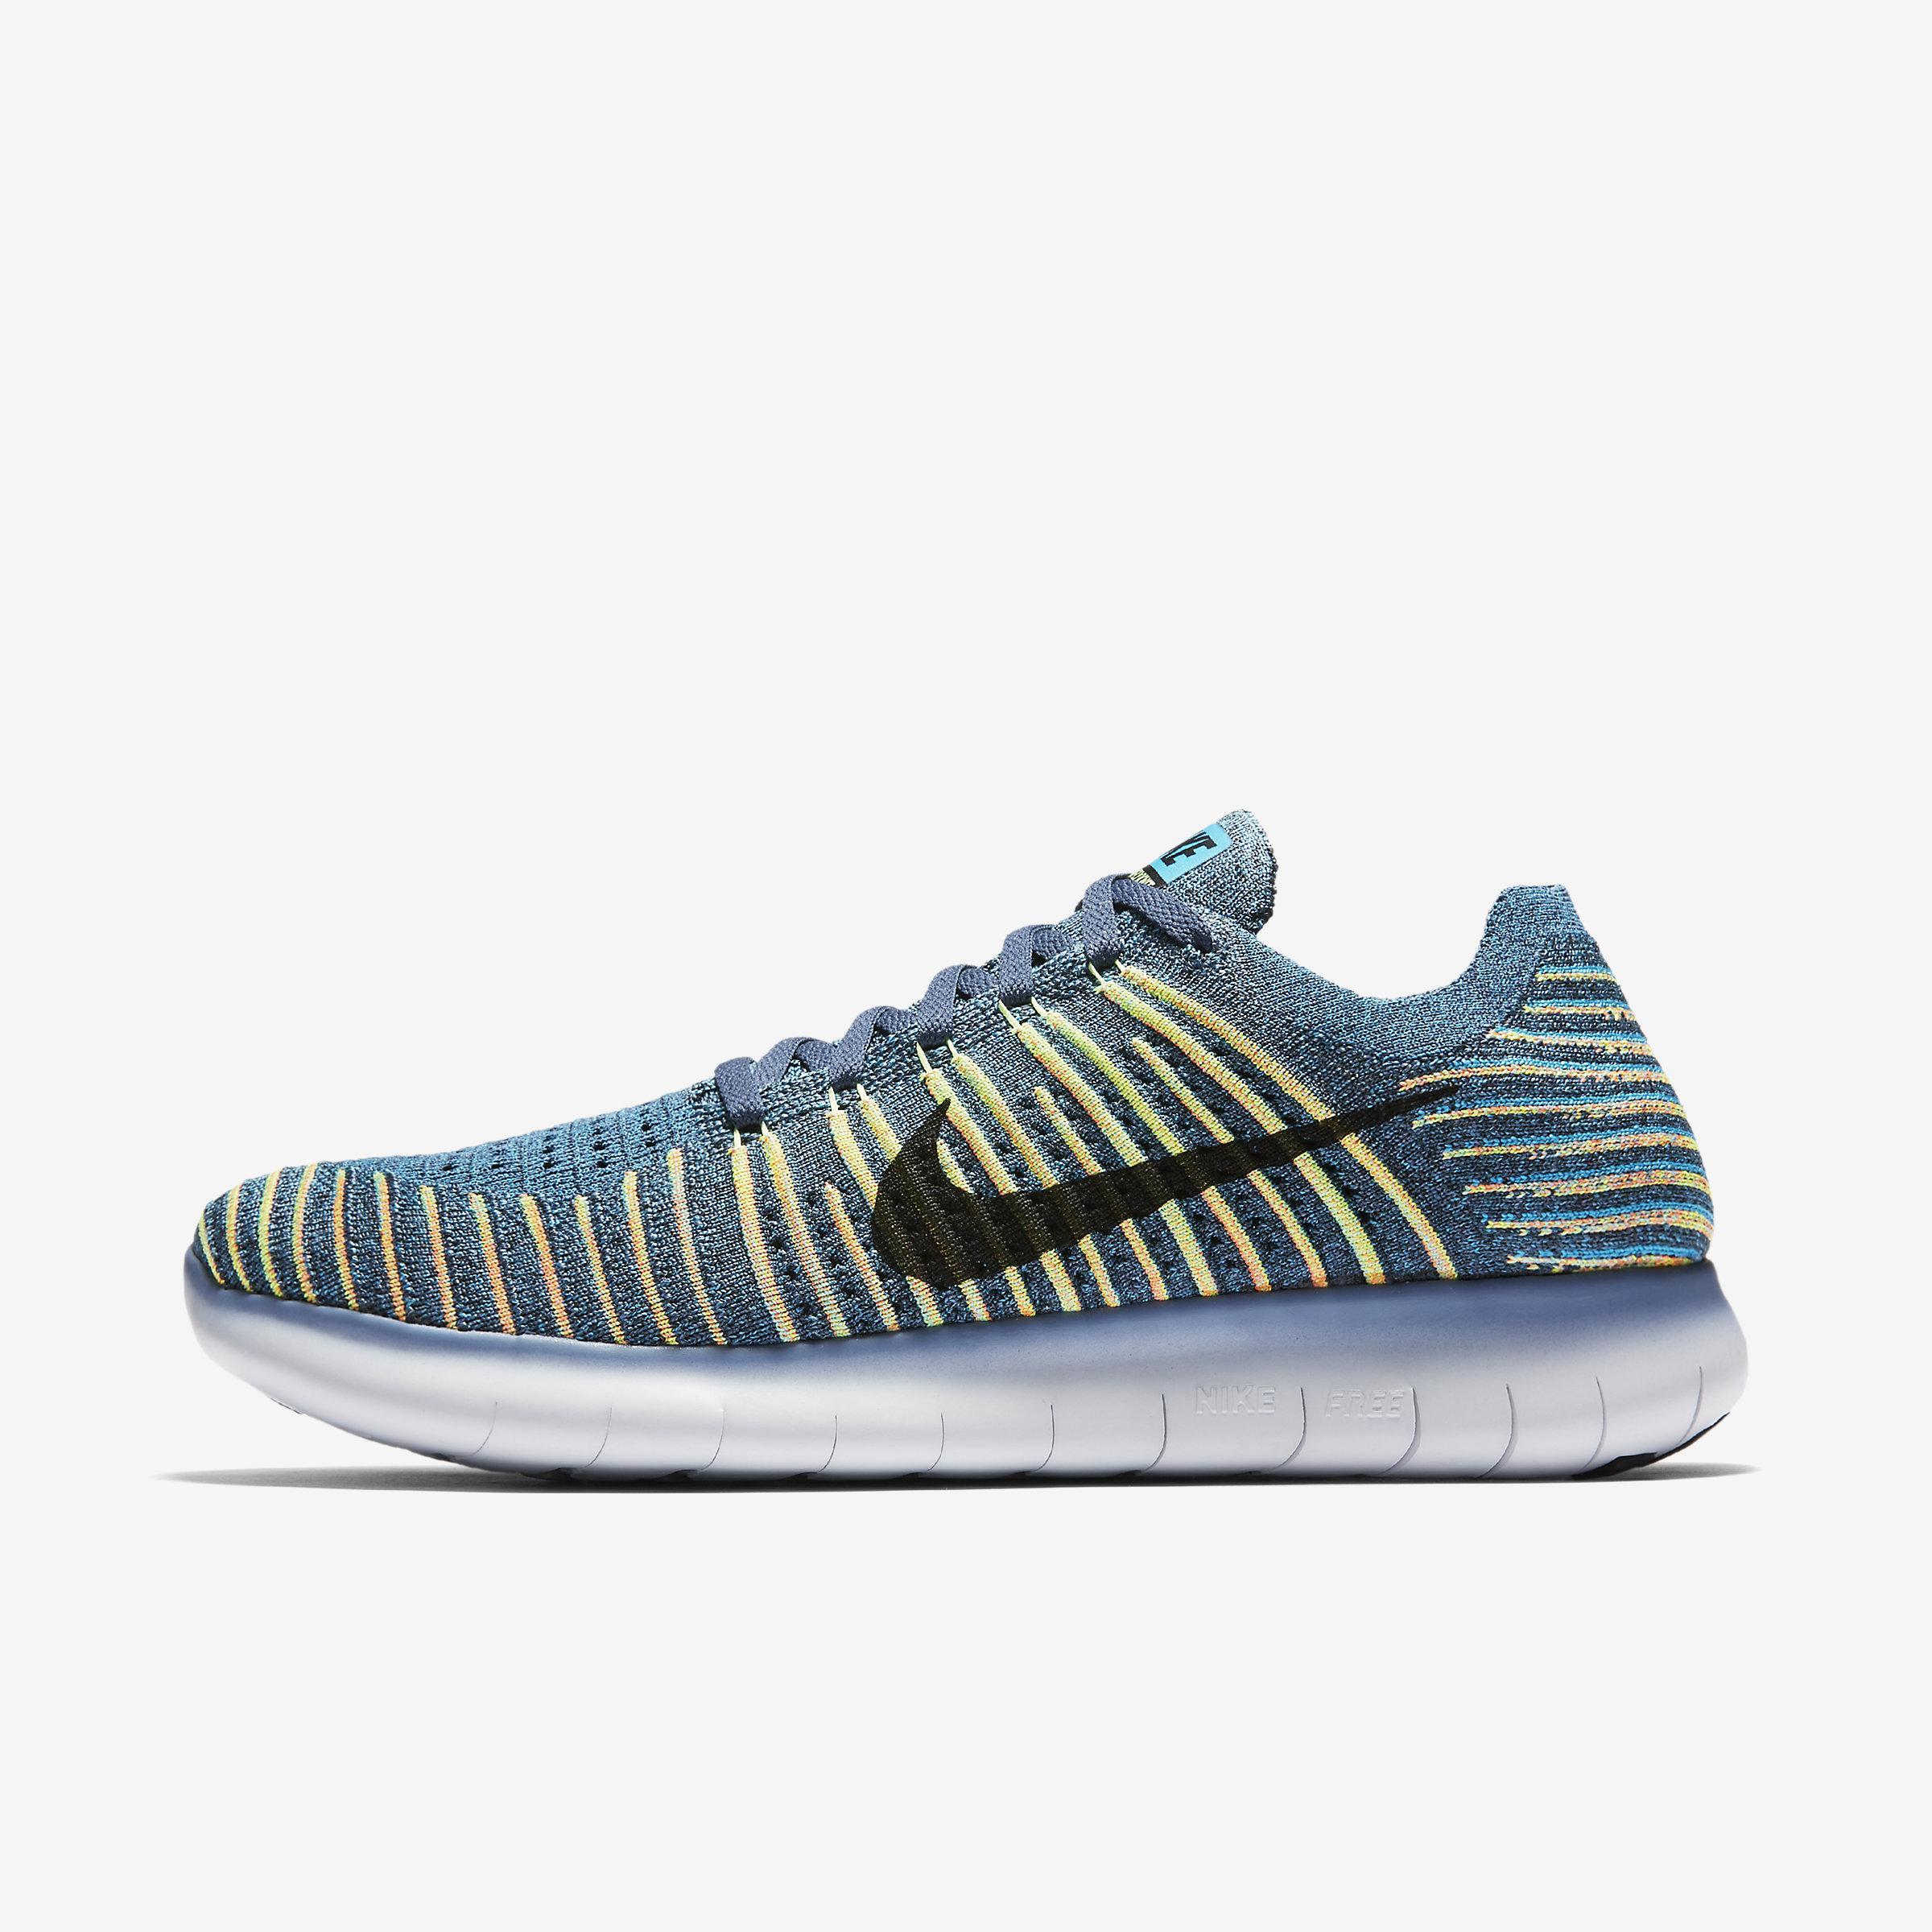 45c5b8058577 Nike Free Rn Flyknit in Blue for Men - Lyst